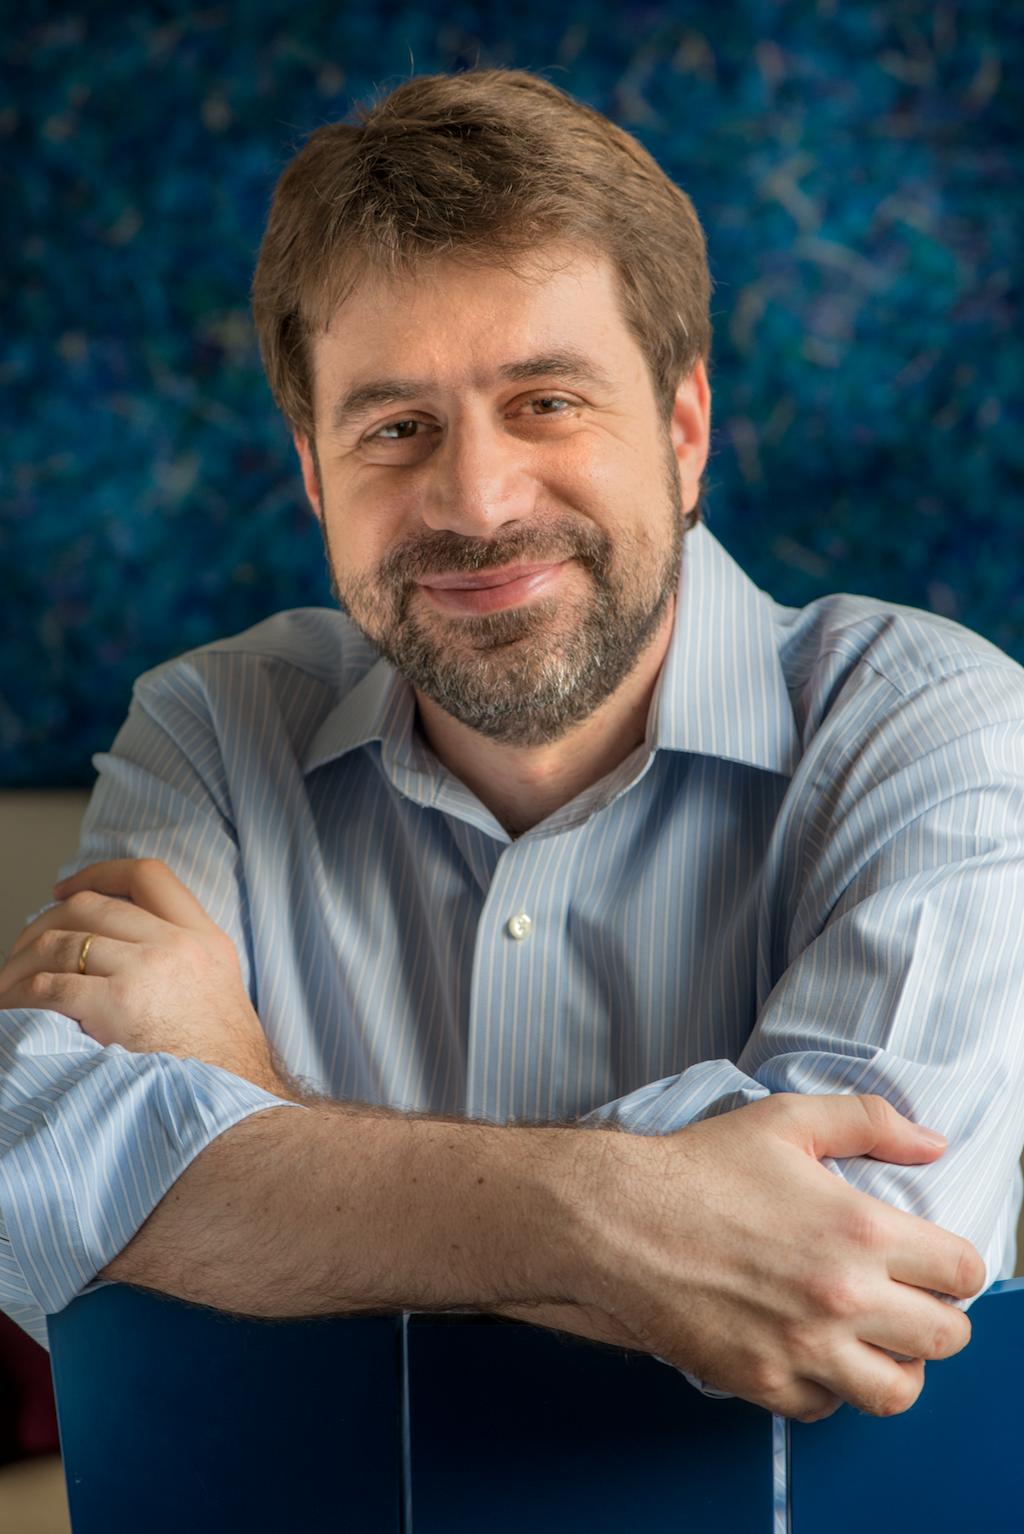 Foto de perfil de Alan Pogrebinschi.